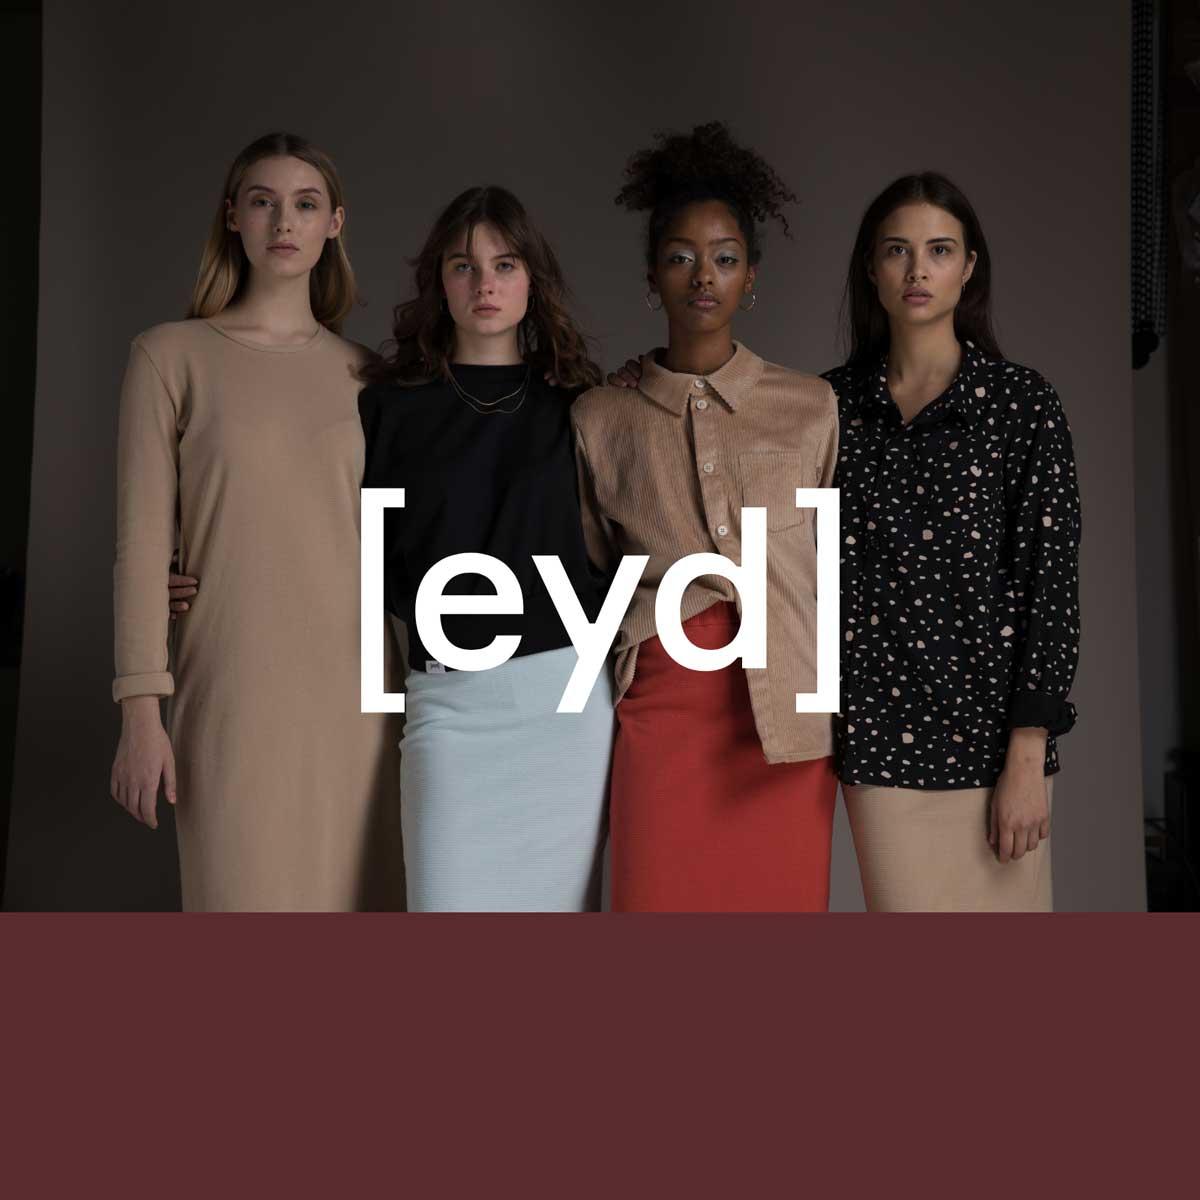 Vier Frauen mit unterschiedlichen Hautfarben auf einem Werbeplakat von dem Modelabel [eyd]